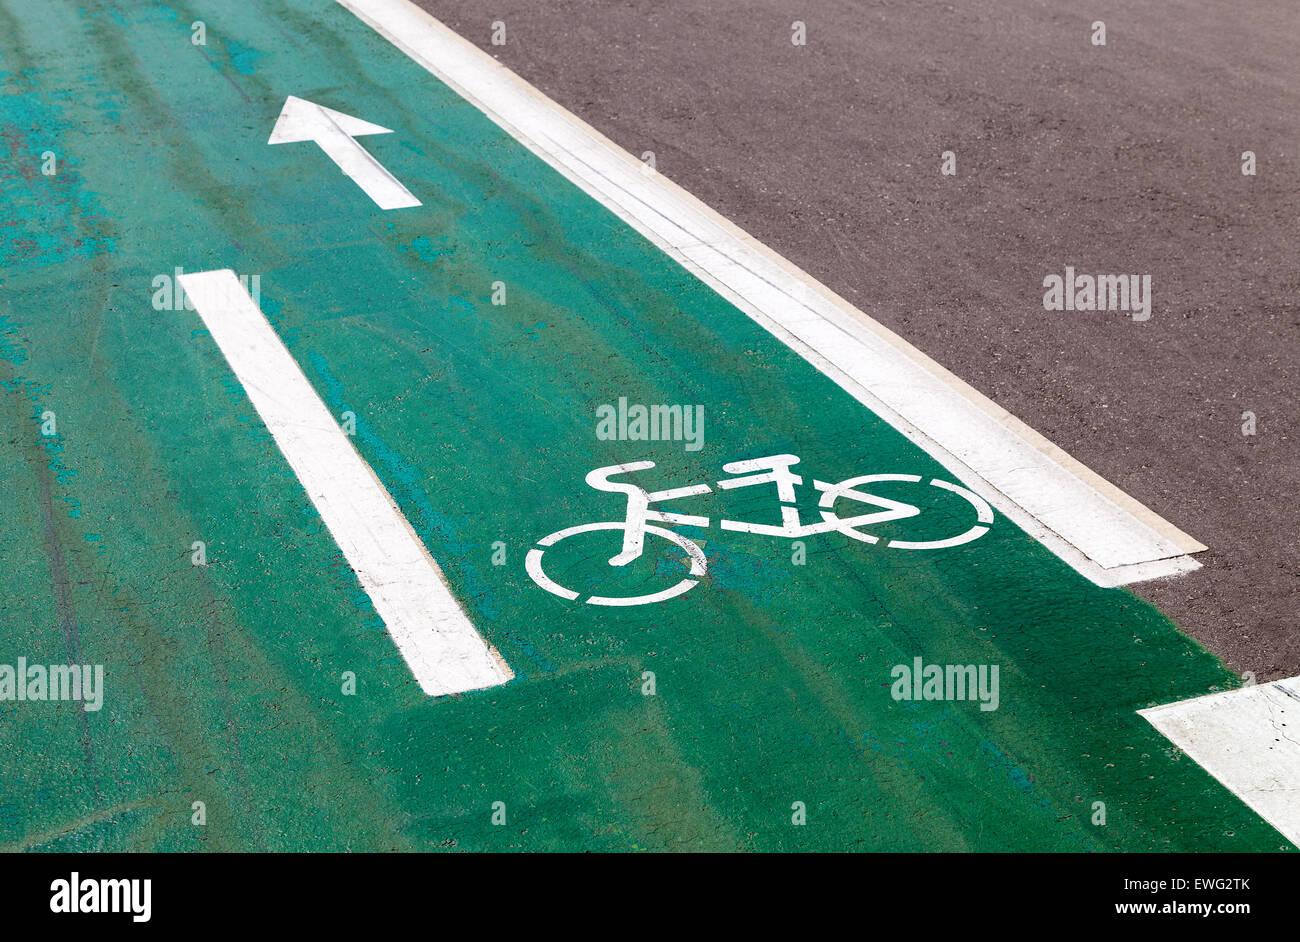 Noleggio cartello stradale sulla corsia di bicicletta Immagini Stock